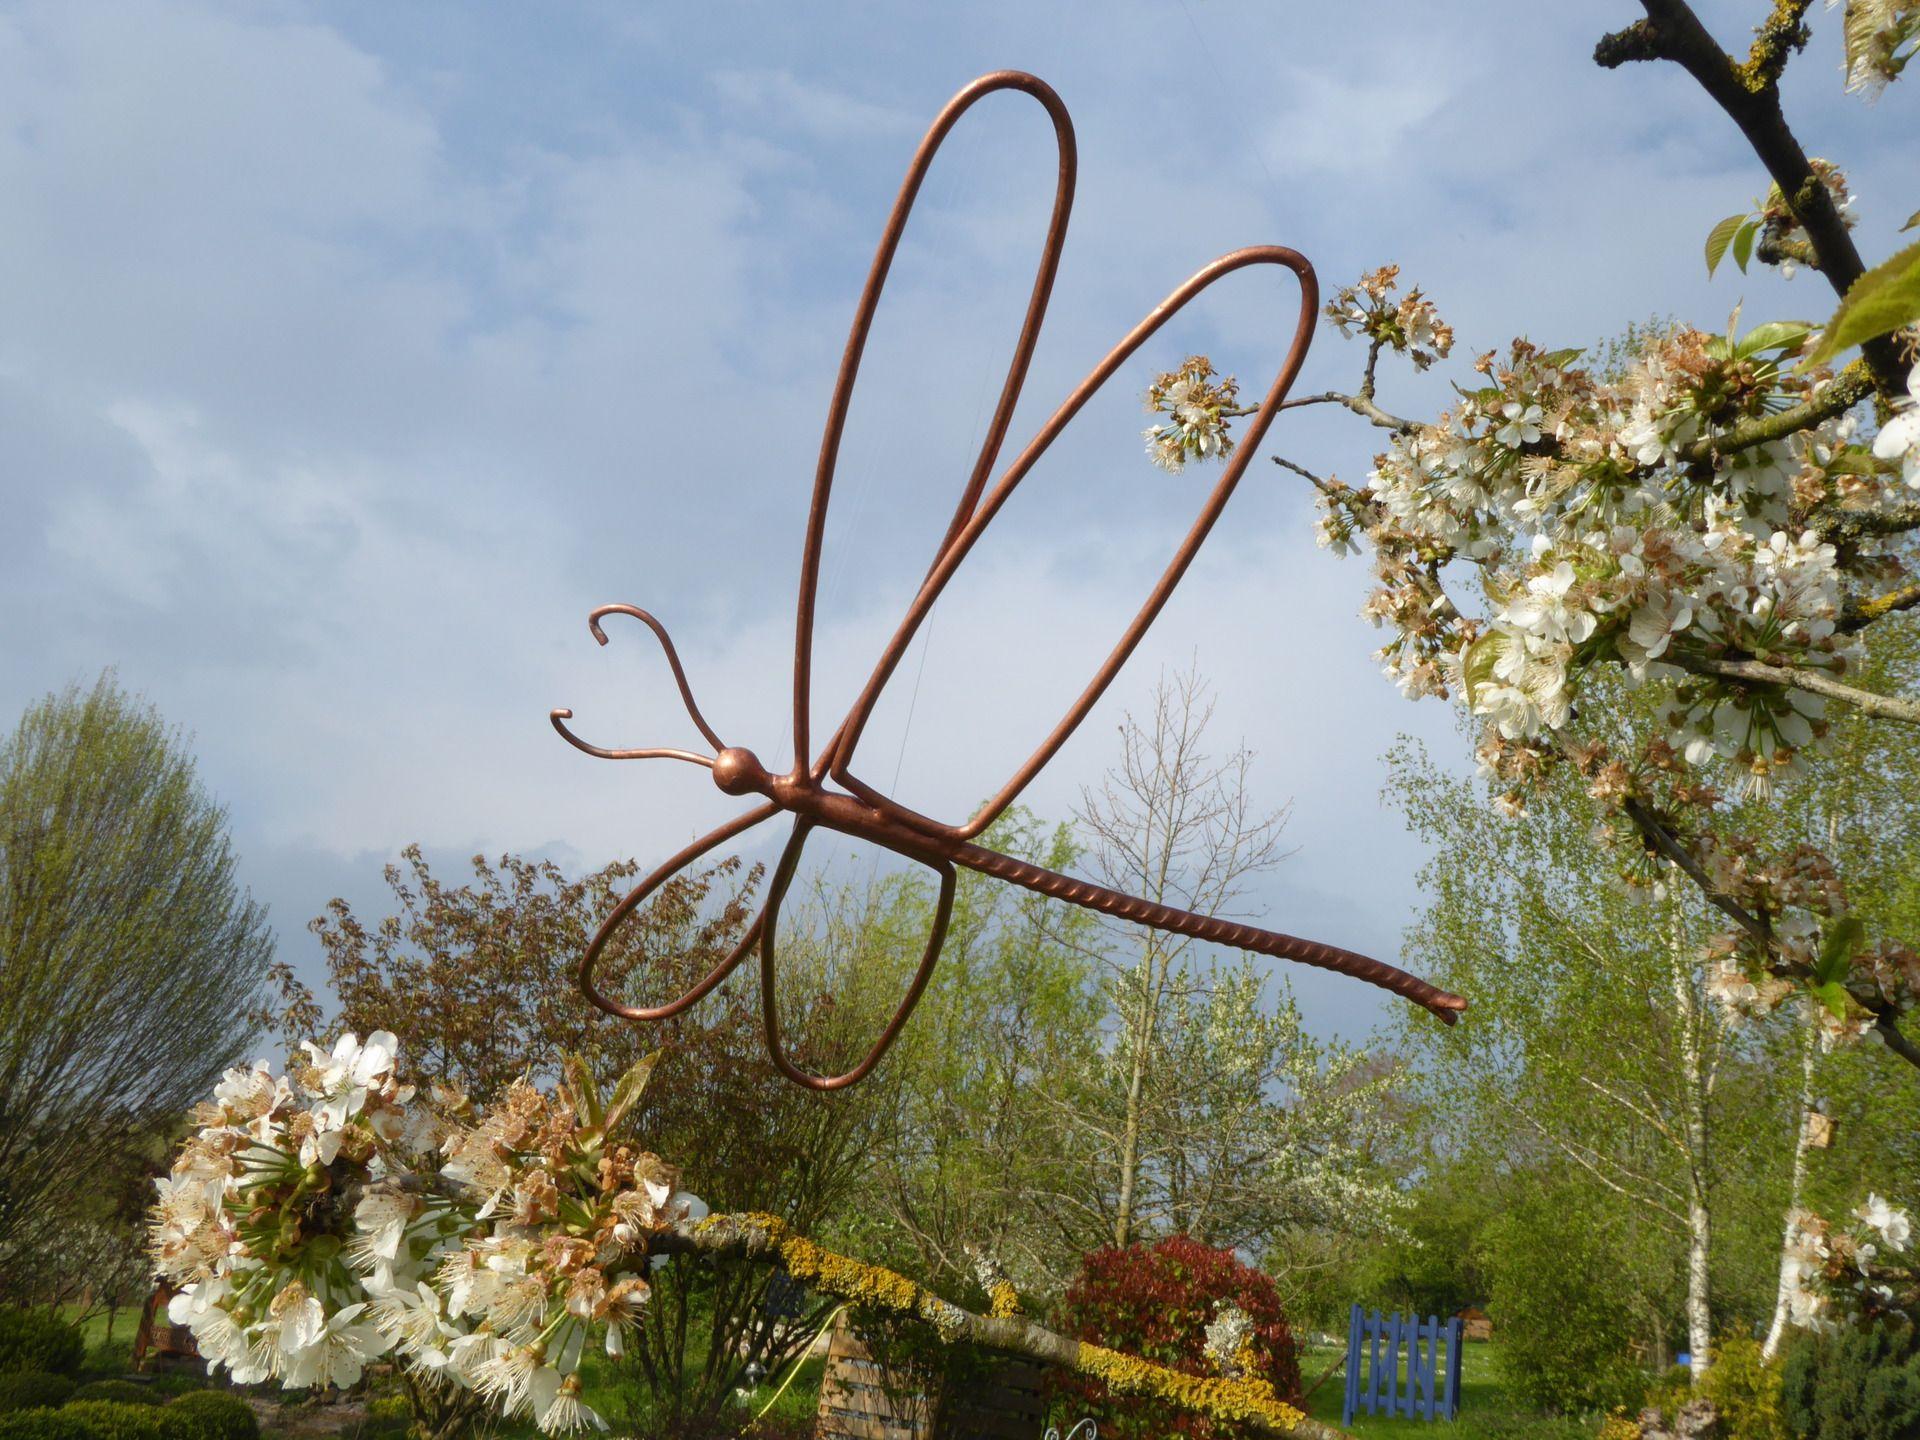 Libellule En Fer Forgé Pour Décoration De Jardin Ou Autre ... concernant Decoration De Jardin En Fer Forgé